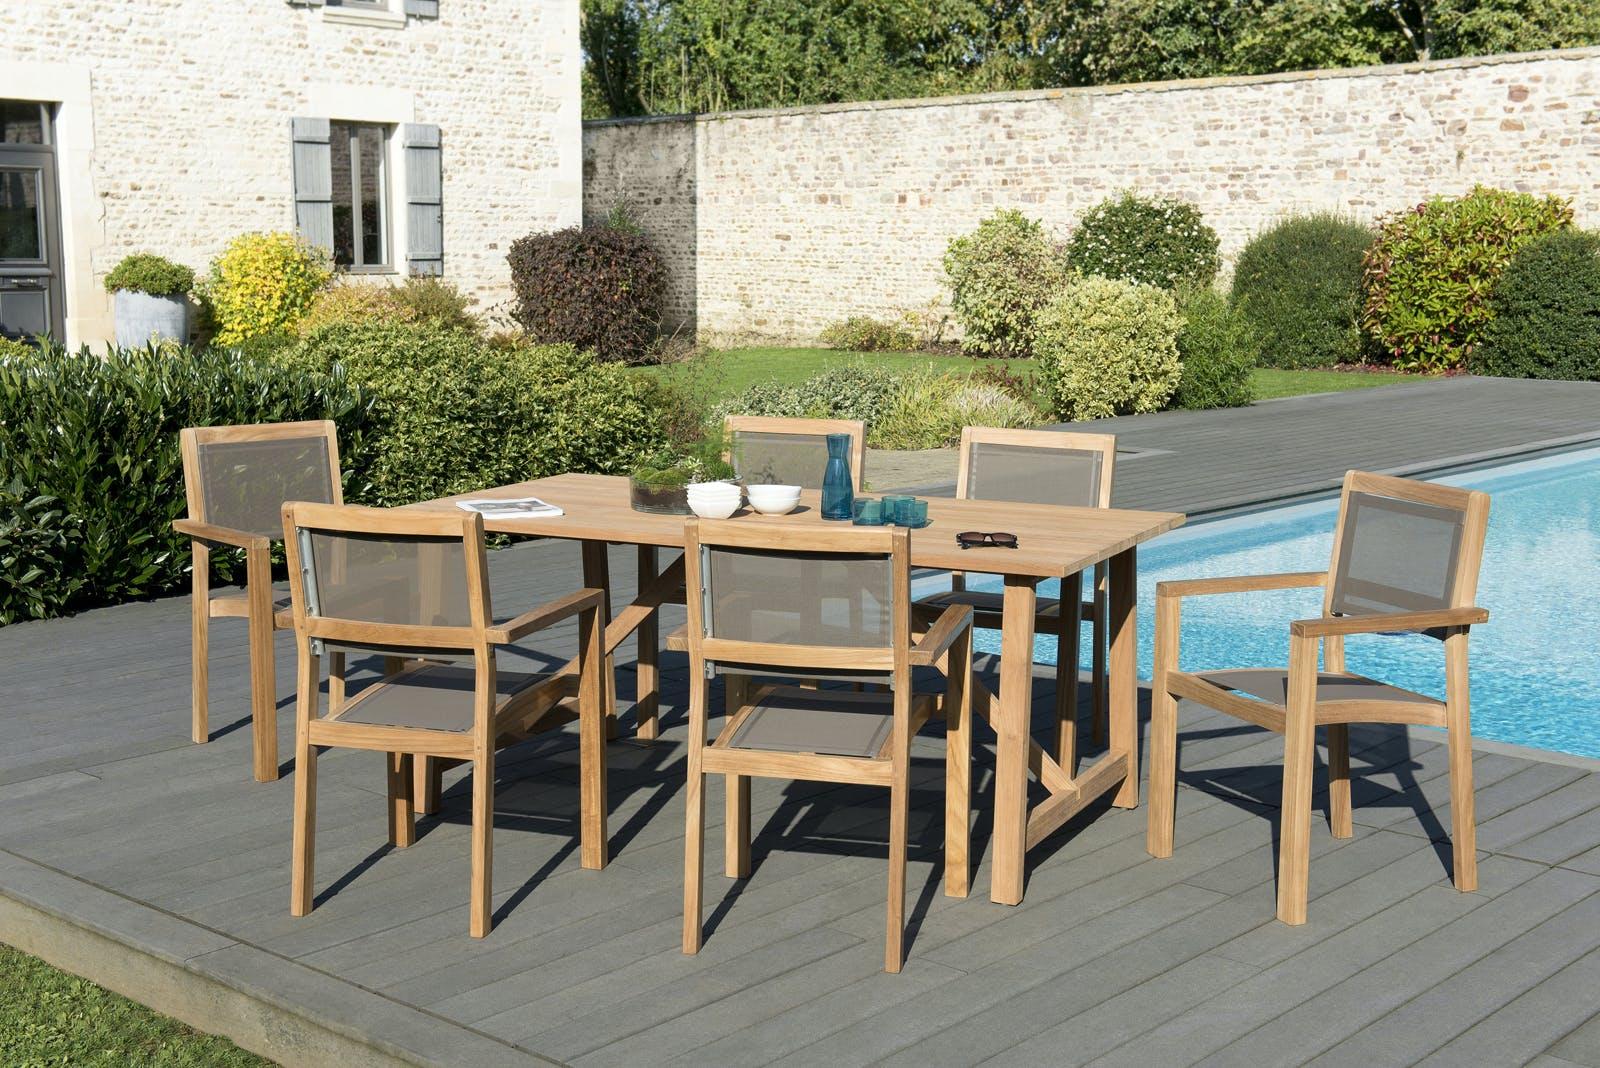 Salon de Jardin Teck Table 180x90 + 6 fauteuils empilables BERGEN ref. 30020841